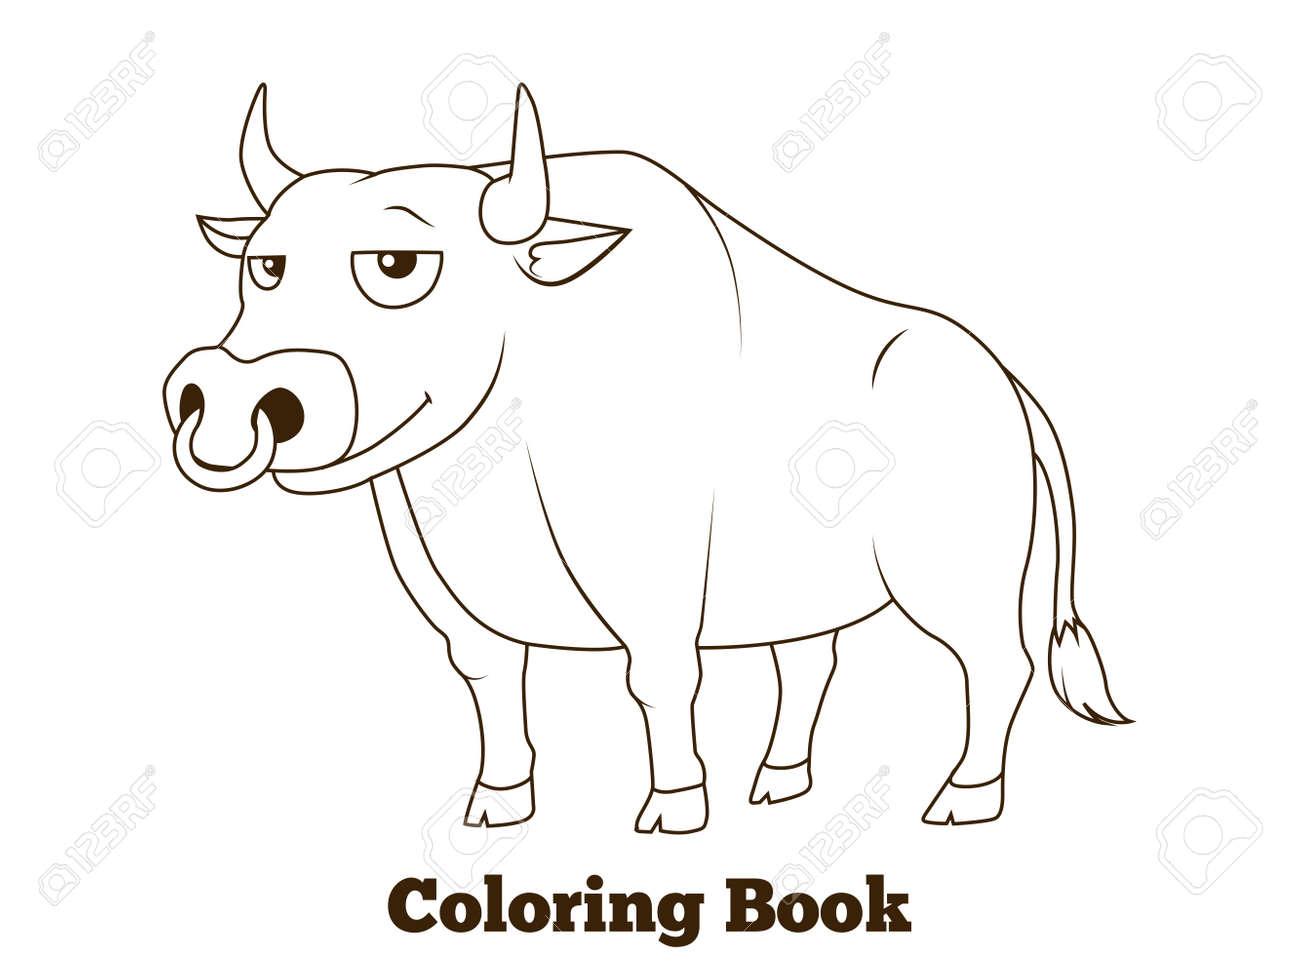 Livre De Coloriage Dessin Animé Taureau Vecteur éducatif Illustration